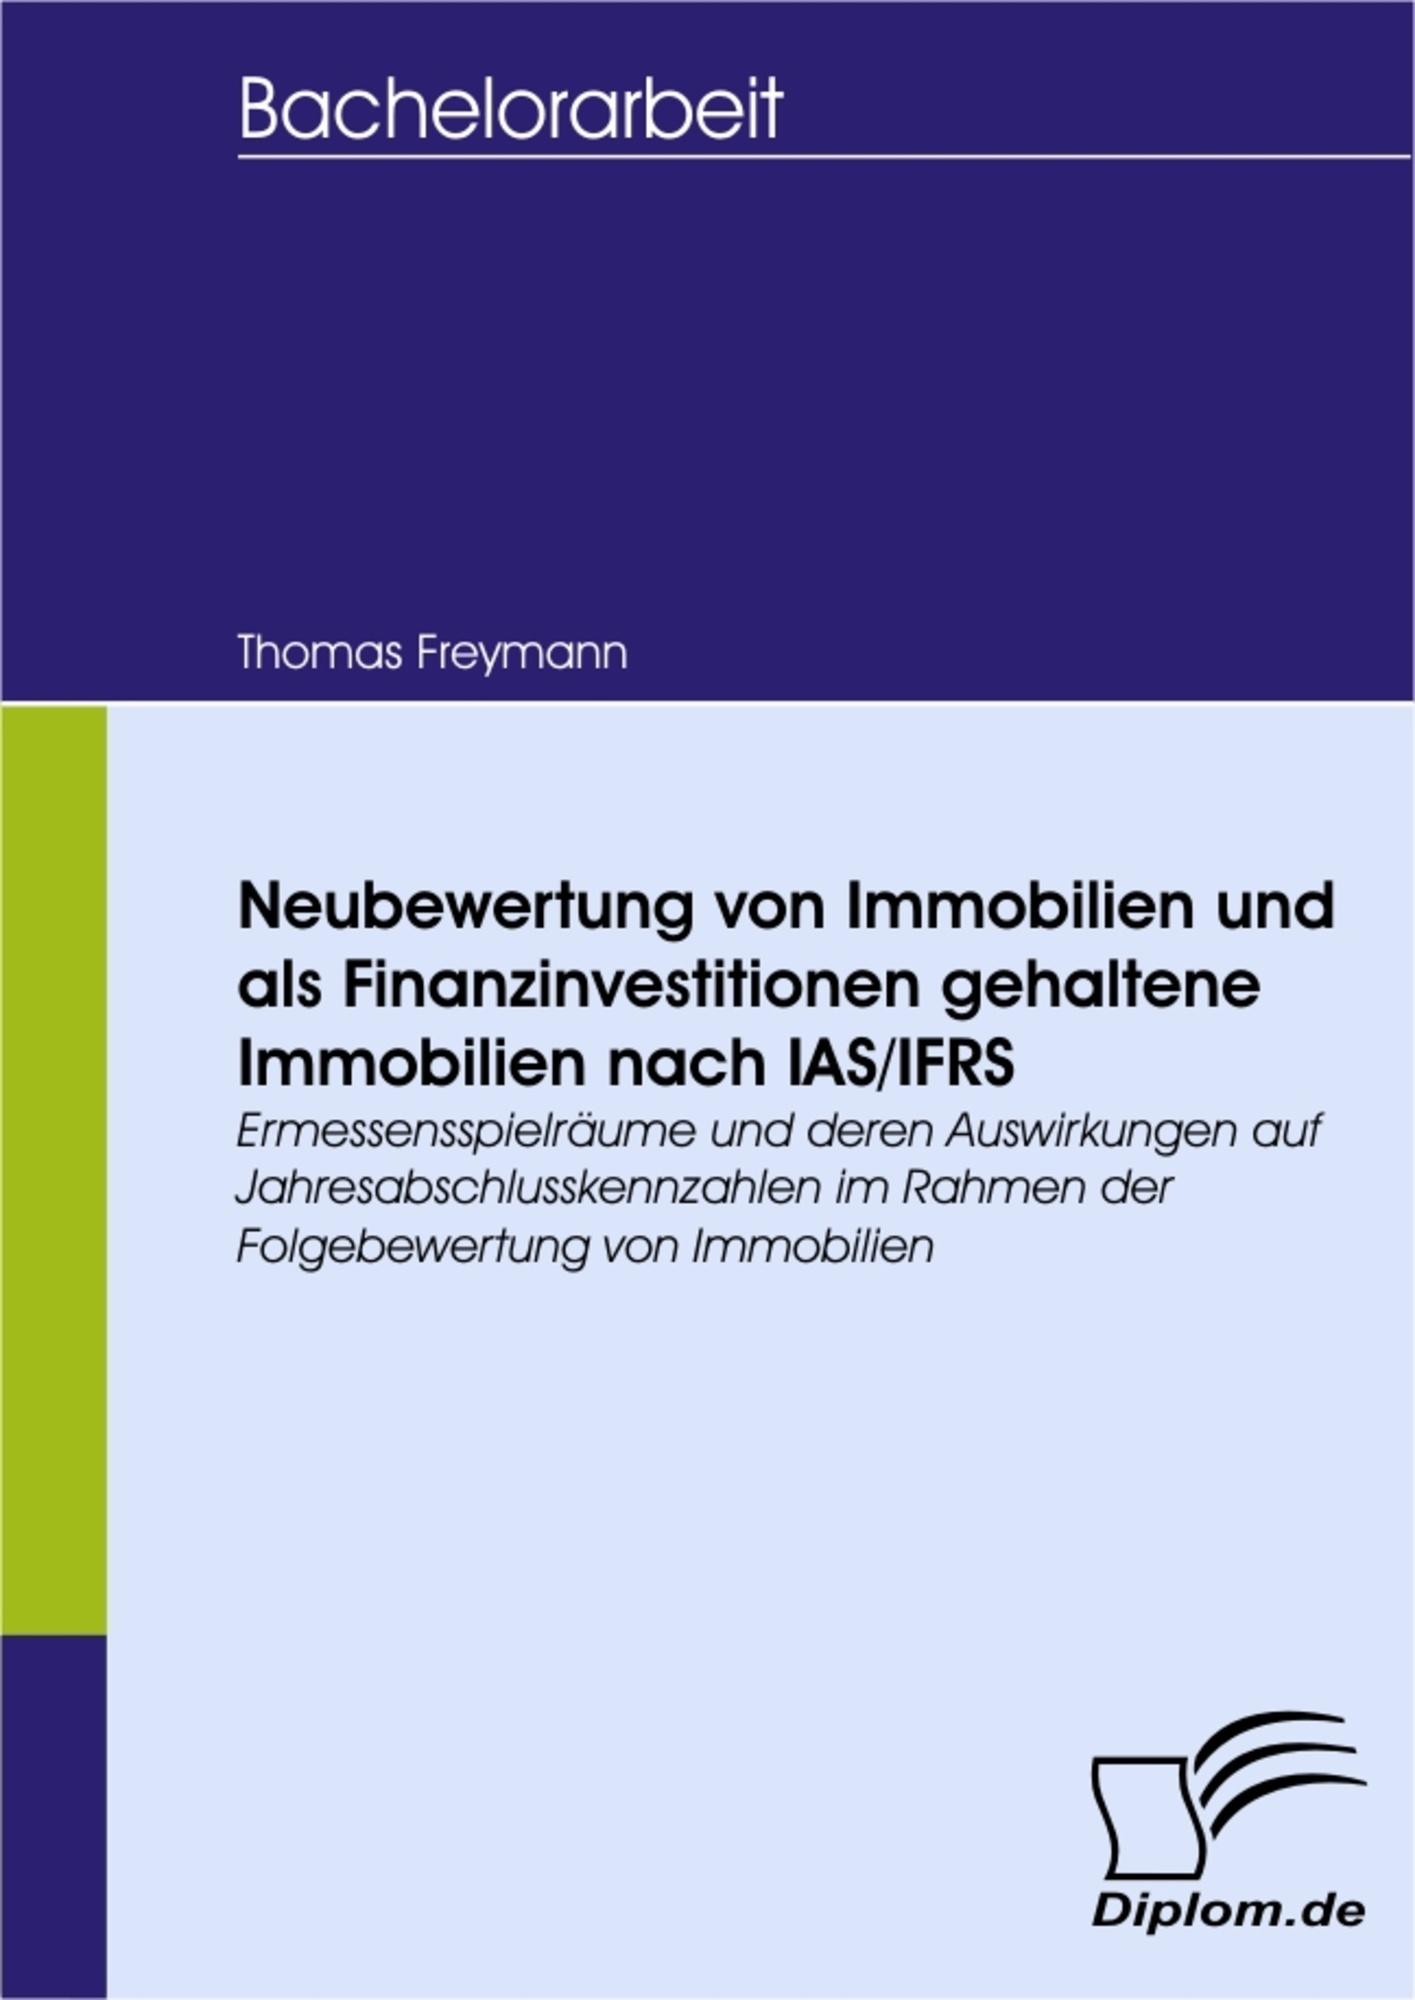 Neubewertung von Immobilien und als Finanzinvestitionen gehaltene ...